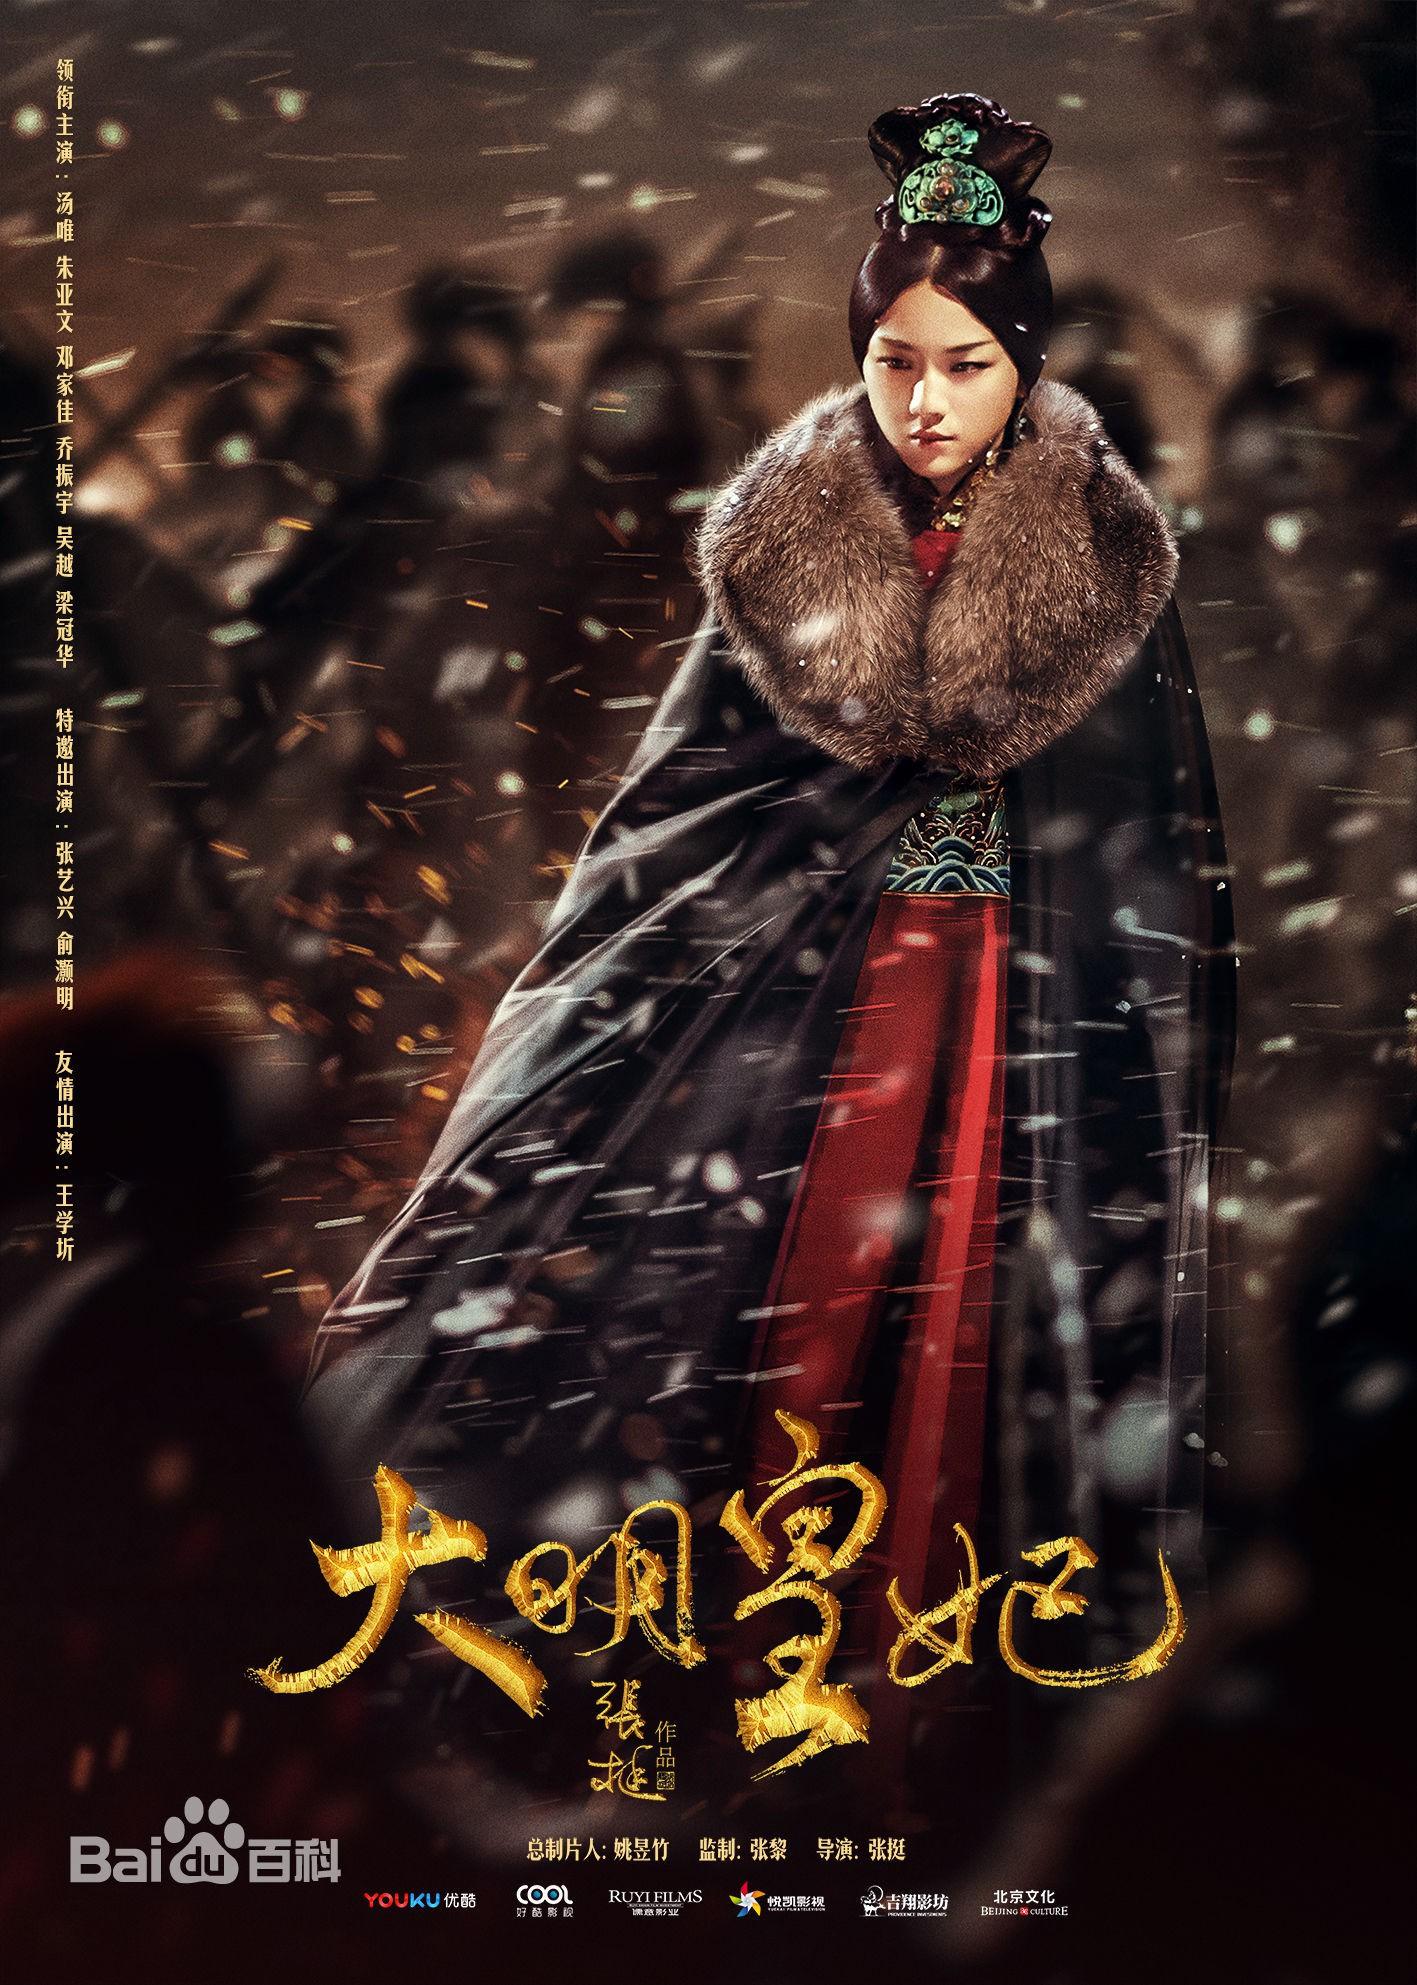 Năm 2019: Bộ ba bóng hồng Lưu Diệc Phi, Dương Mịch, Chương Tử Di hứa hẹn 'đại náo' truyền hình Hoa Ngữ - Ảnh 2